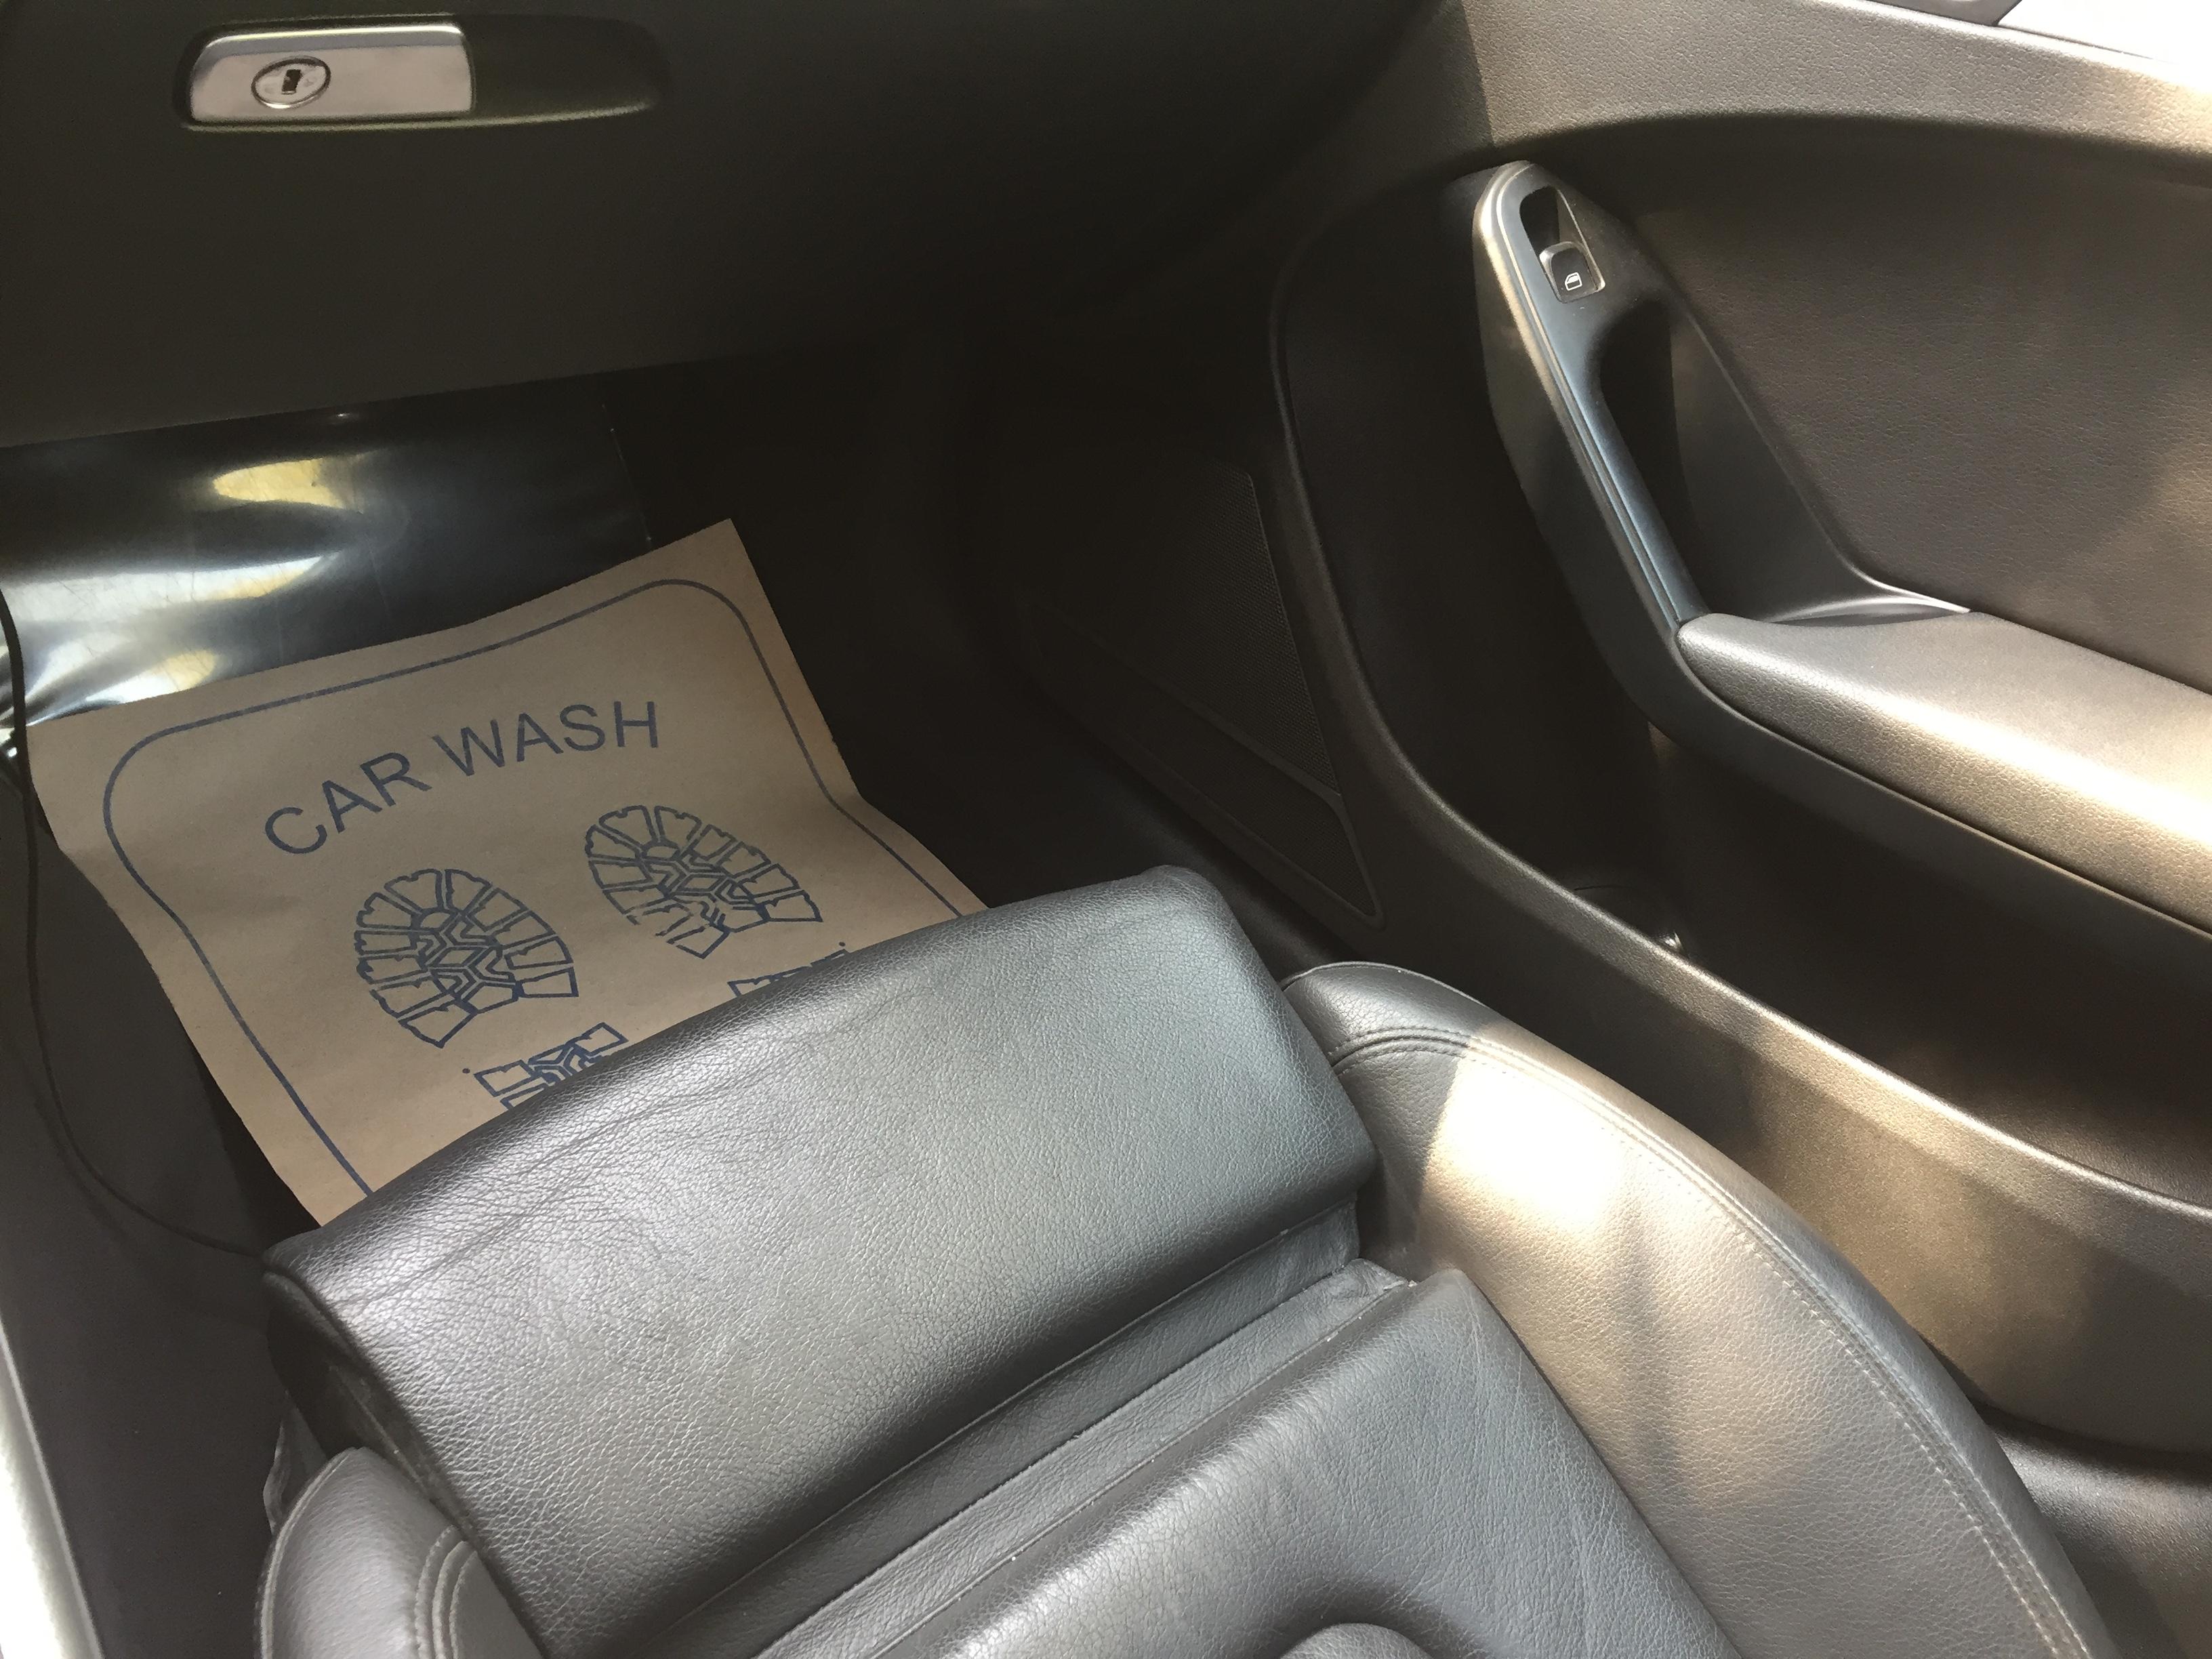 Audi A4 2.0(lt) 2009 Подержанный  $10500